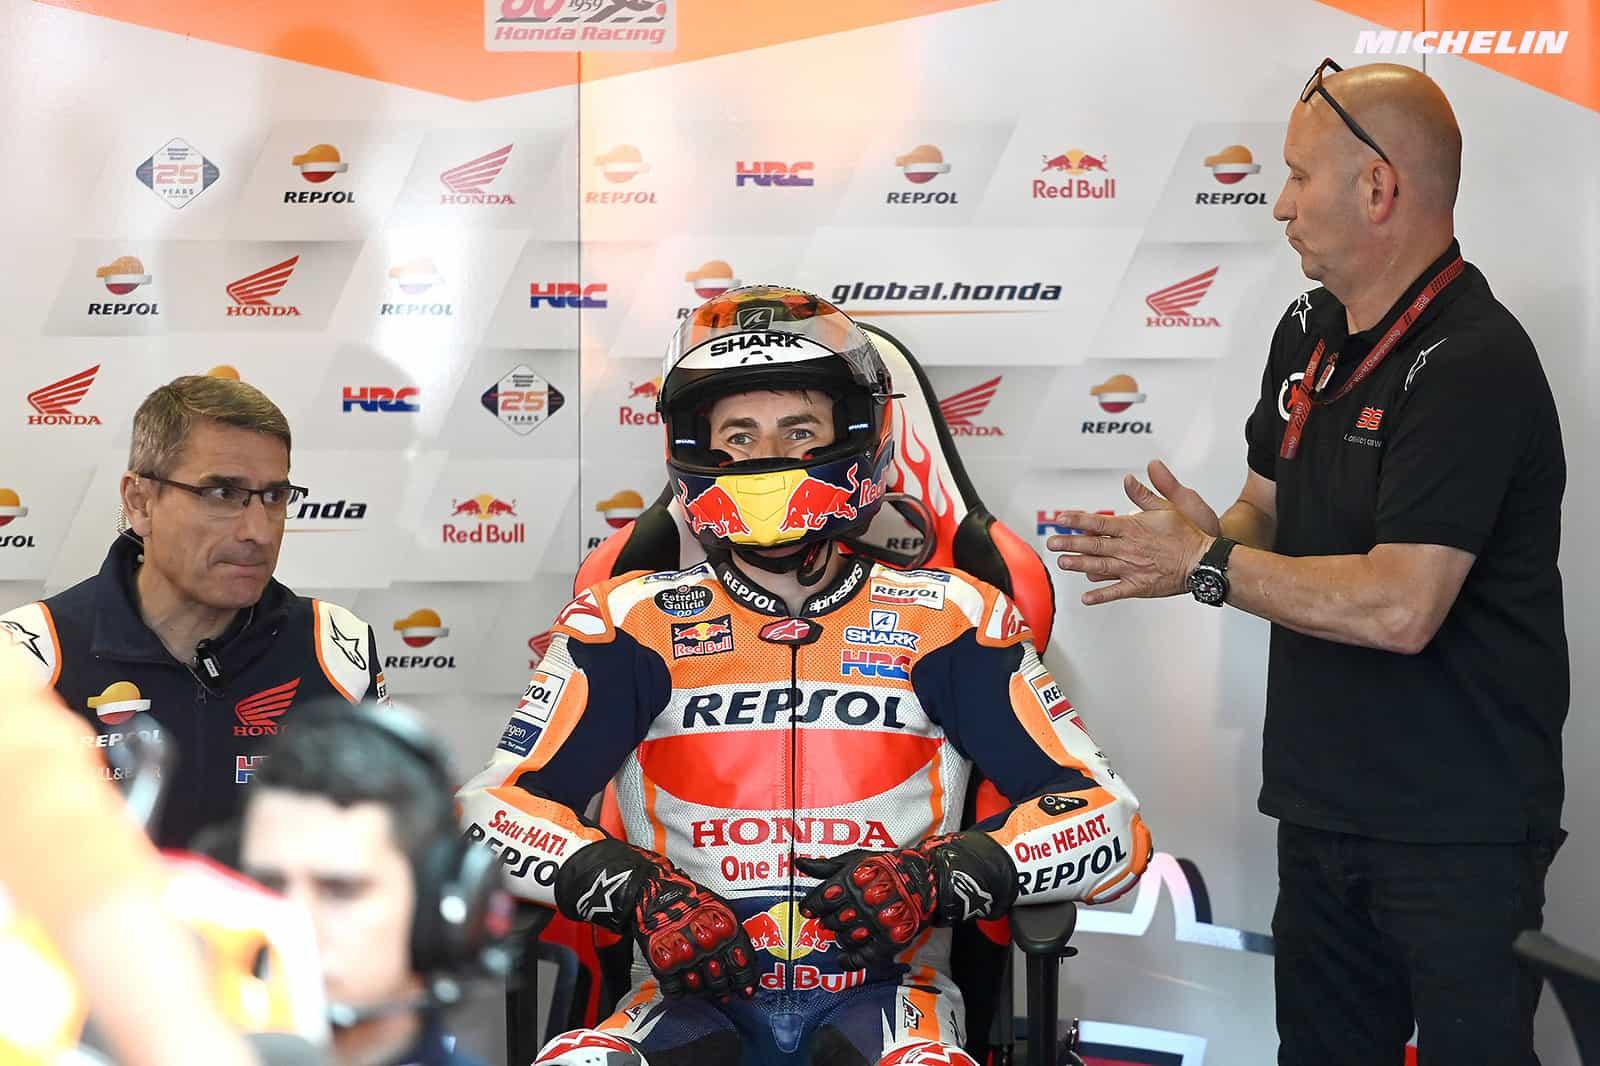 MotoGP2019オランダGP ロレンソ「ブルノでの復帰を目指したい」